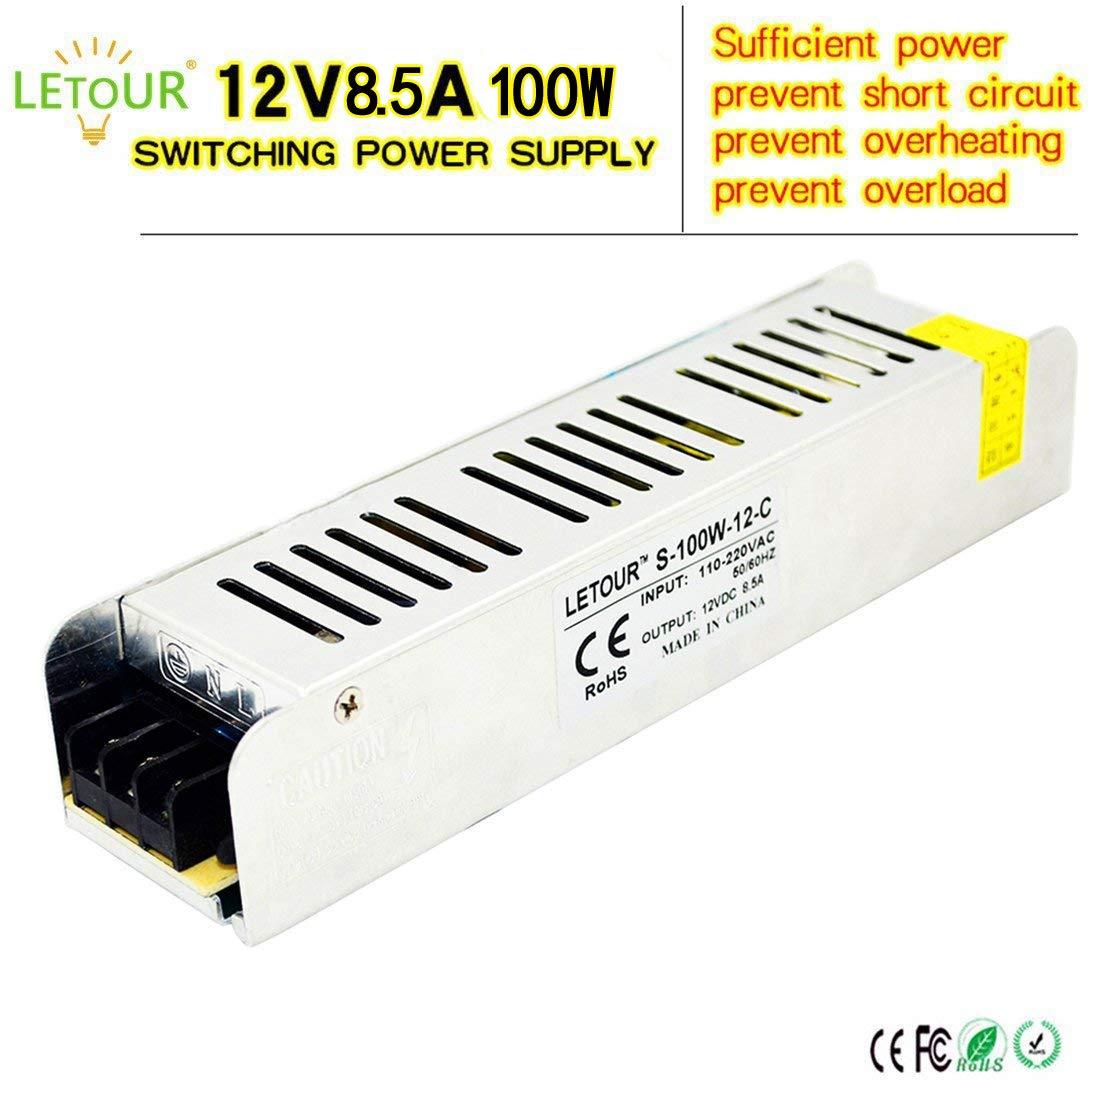 Letour Dc 12v Power Supply 20a 240w Ac 110v 220v Converter Inverter 100w To 12volt 20amp